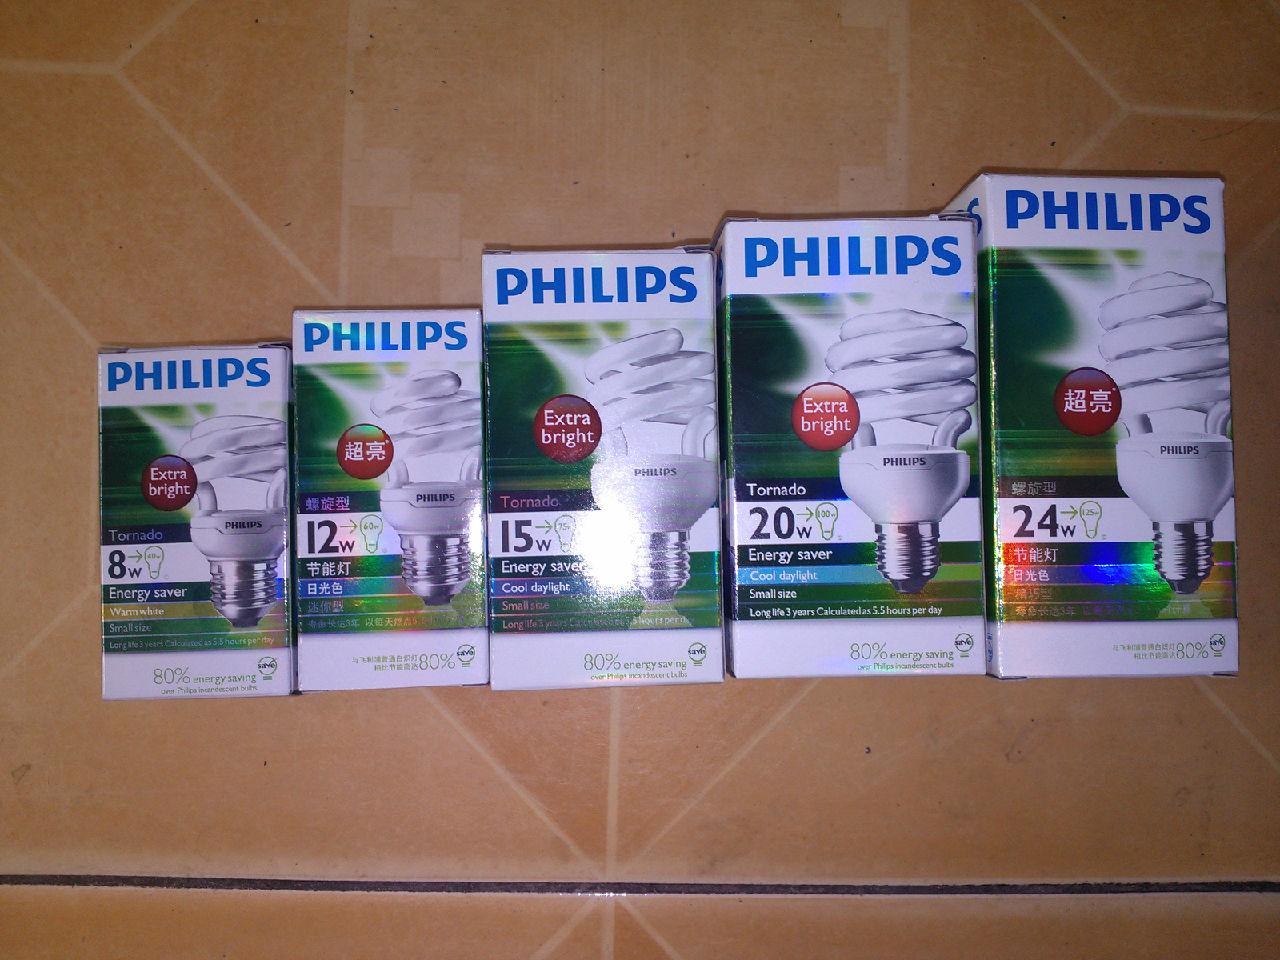 philips照明 矢量飞利浦照明标志高清图片